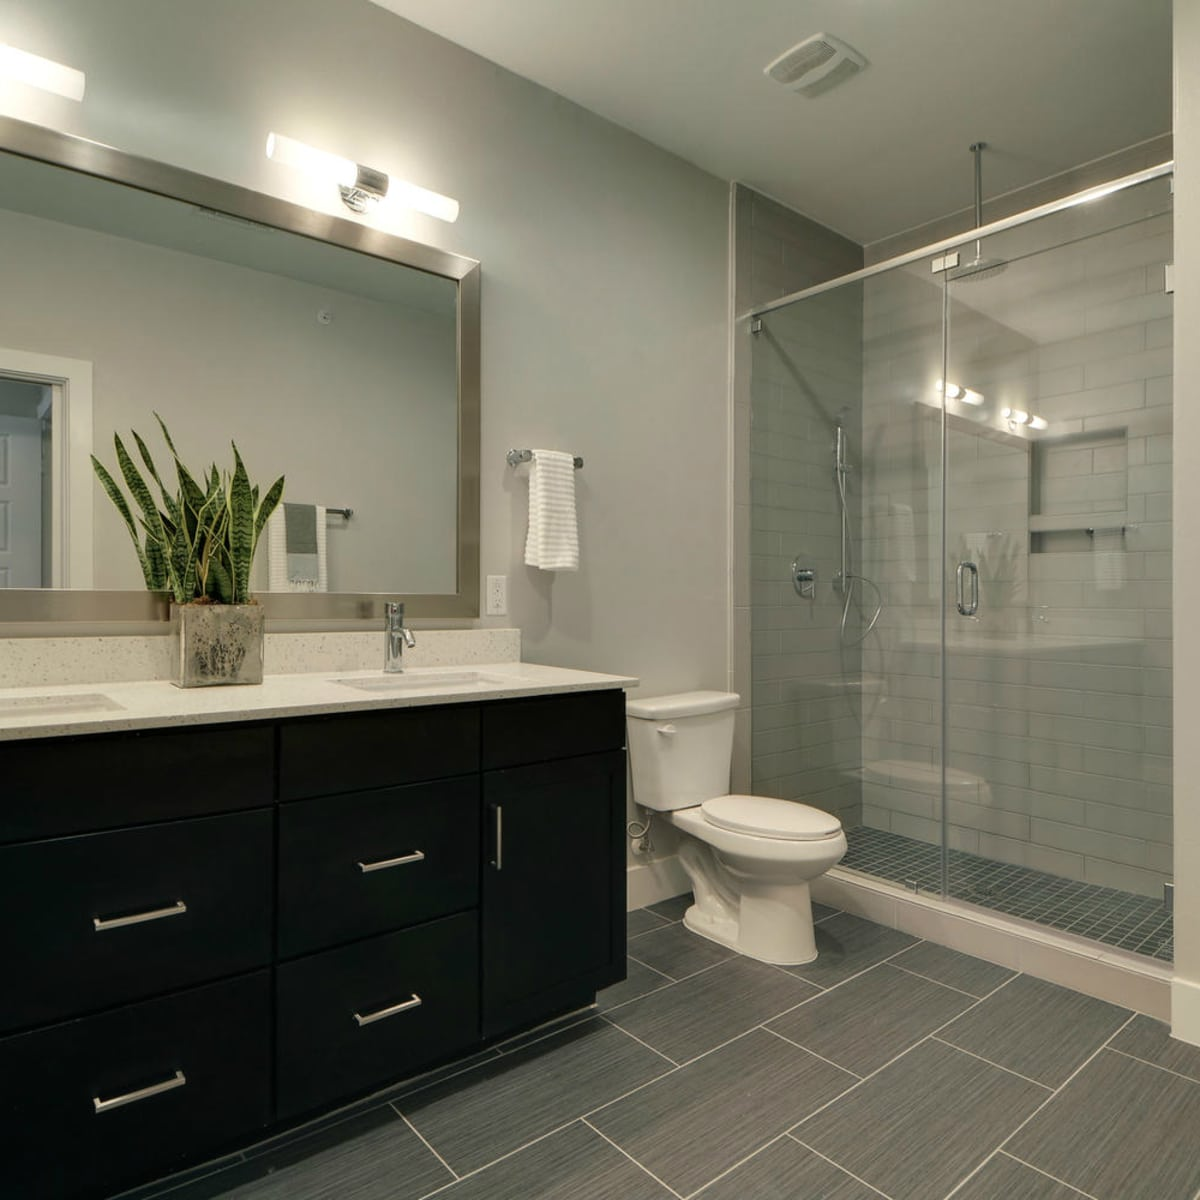 Austin townhome 2002 Glen Allen Street October 2015 bathroom